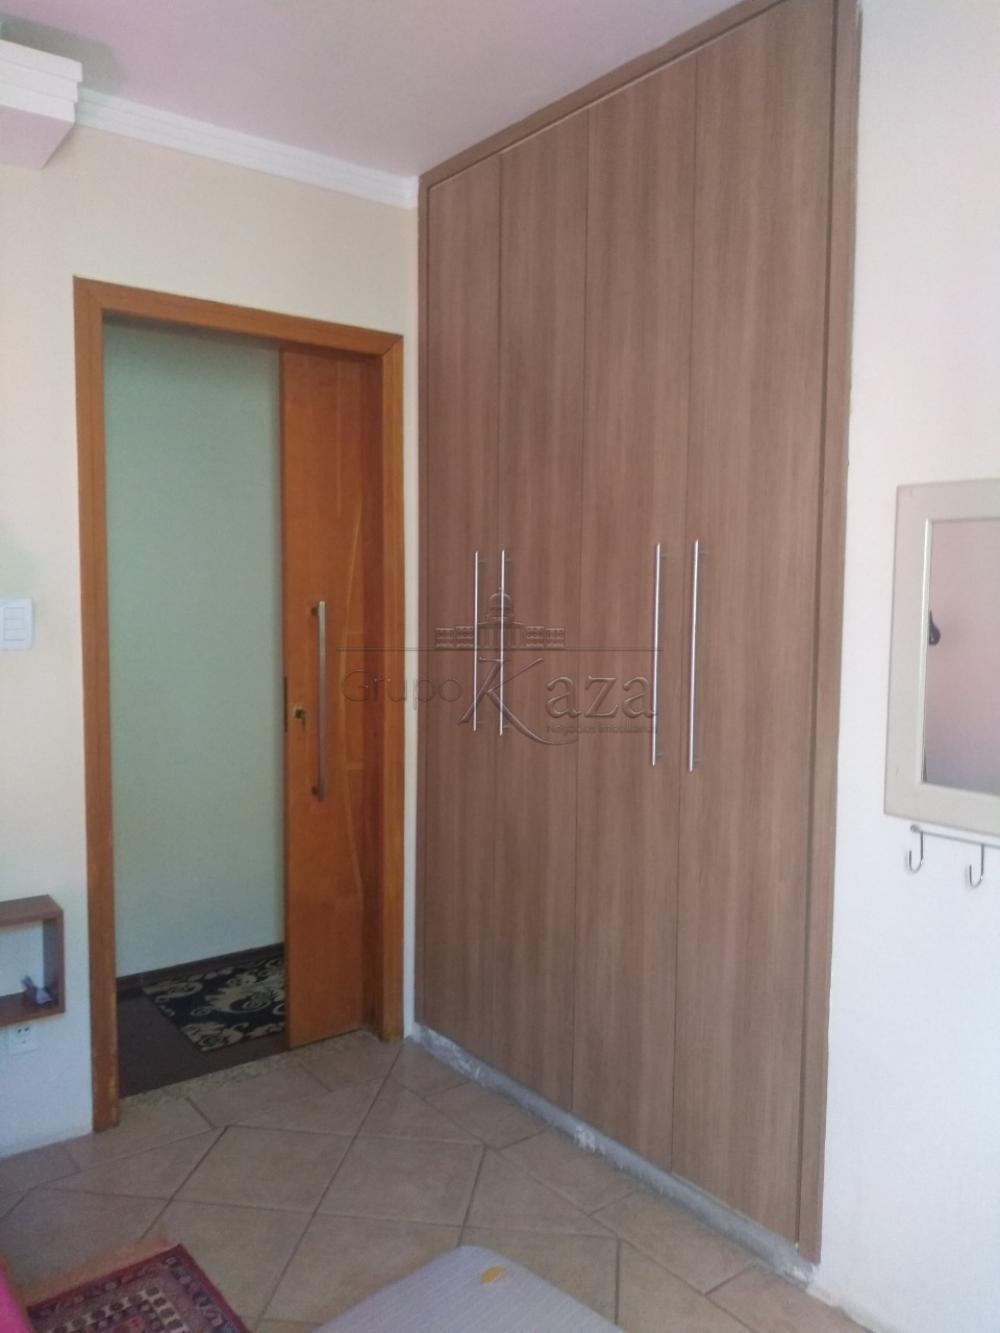 Comprar Apartamento / Padrão em São José dos Campos apenas R$ 230.000,00 - Foto 9